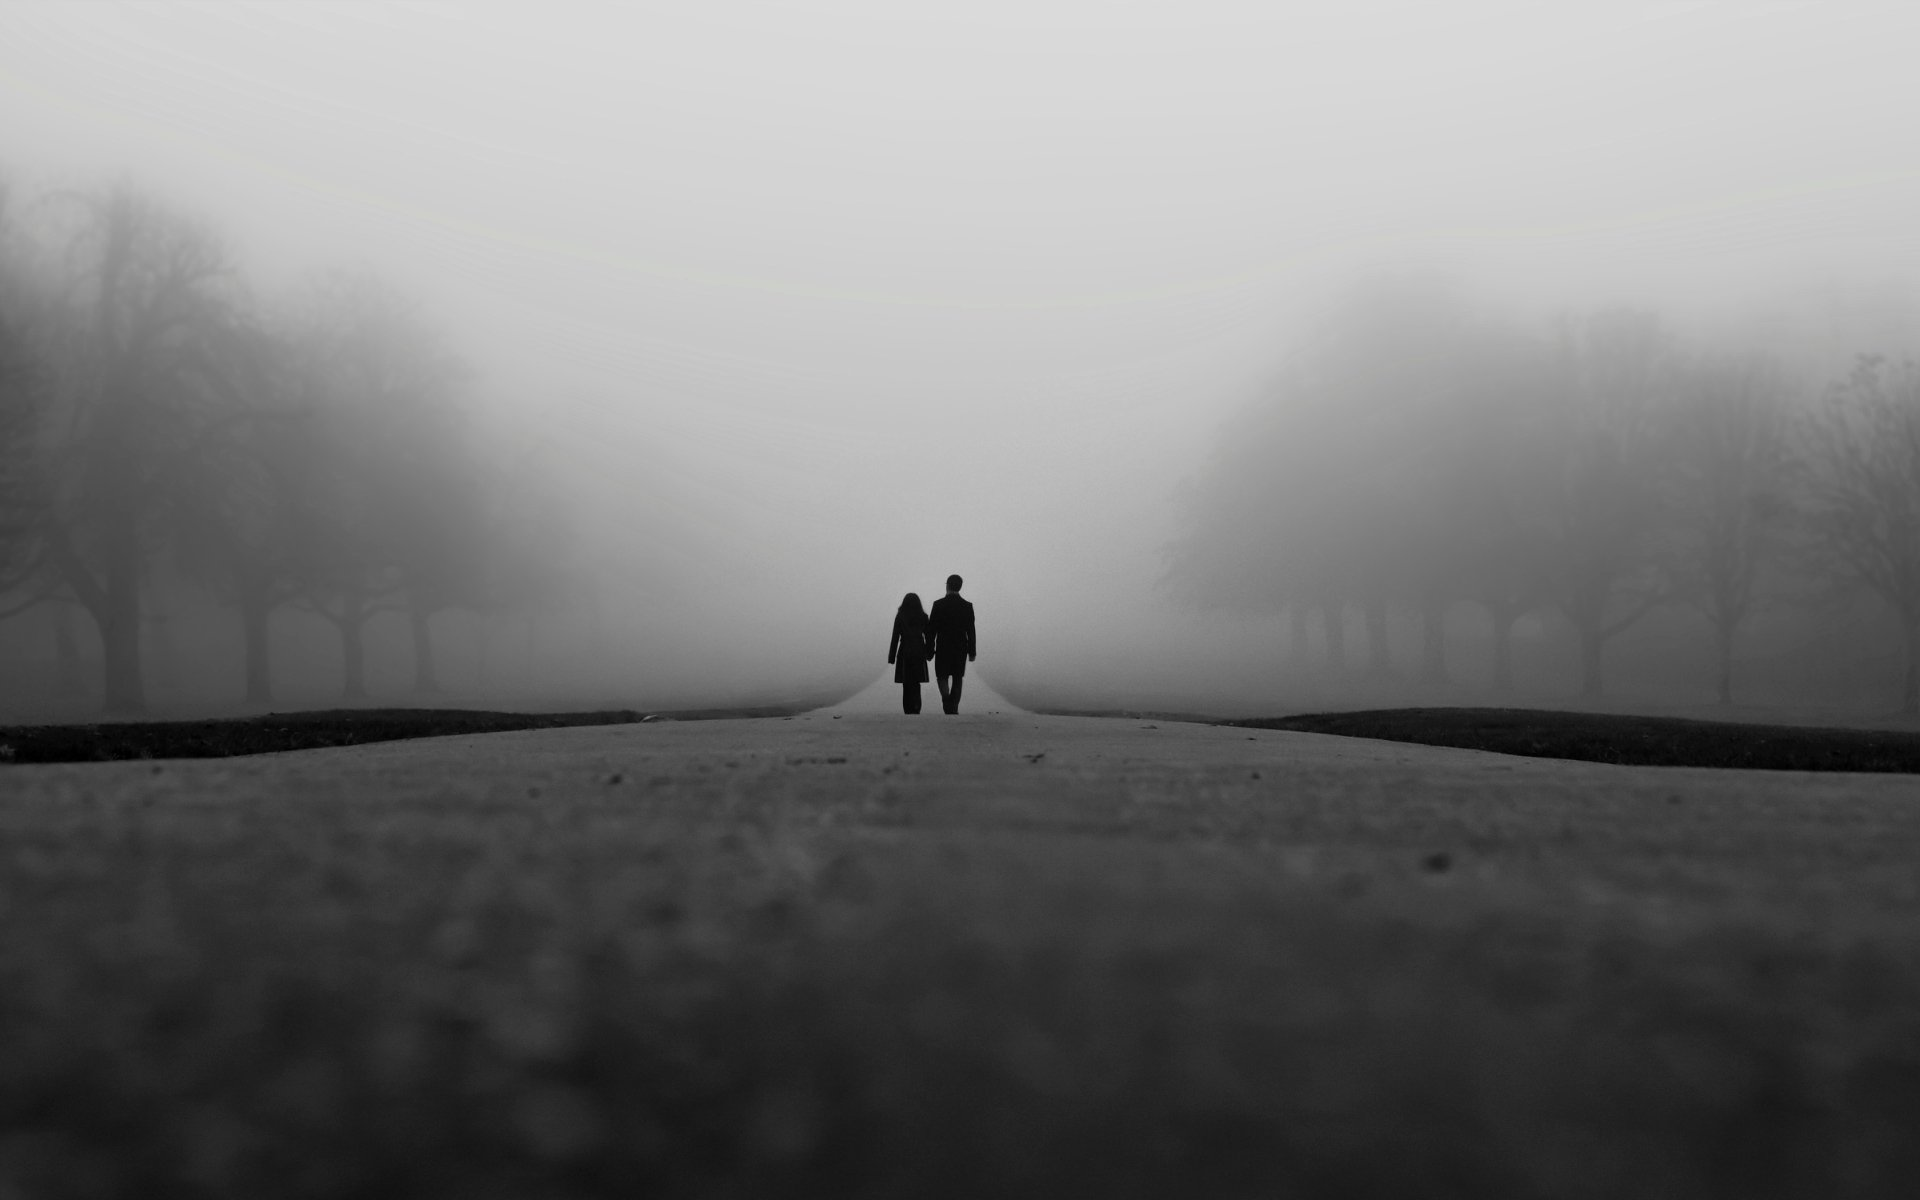 секс в тумане фото-кш2